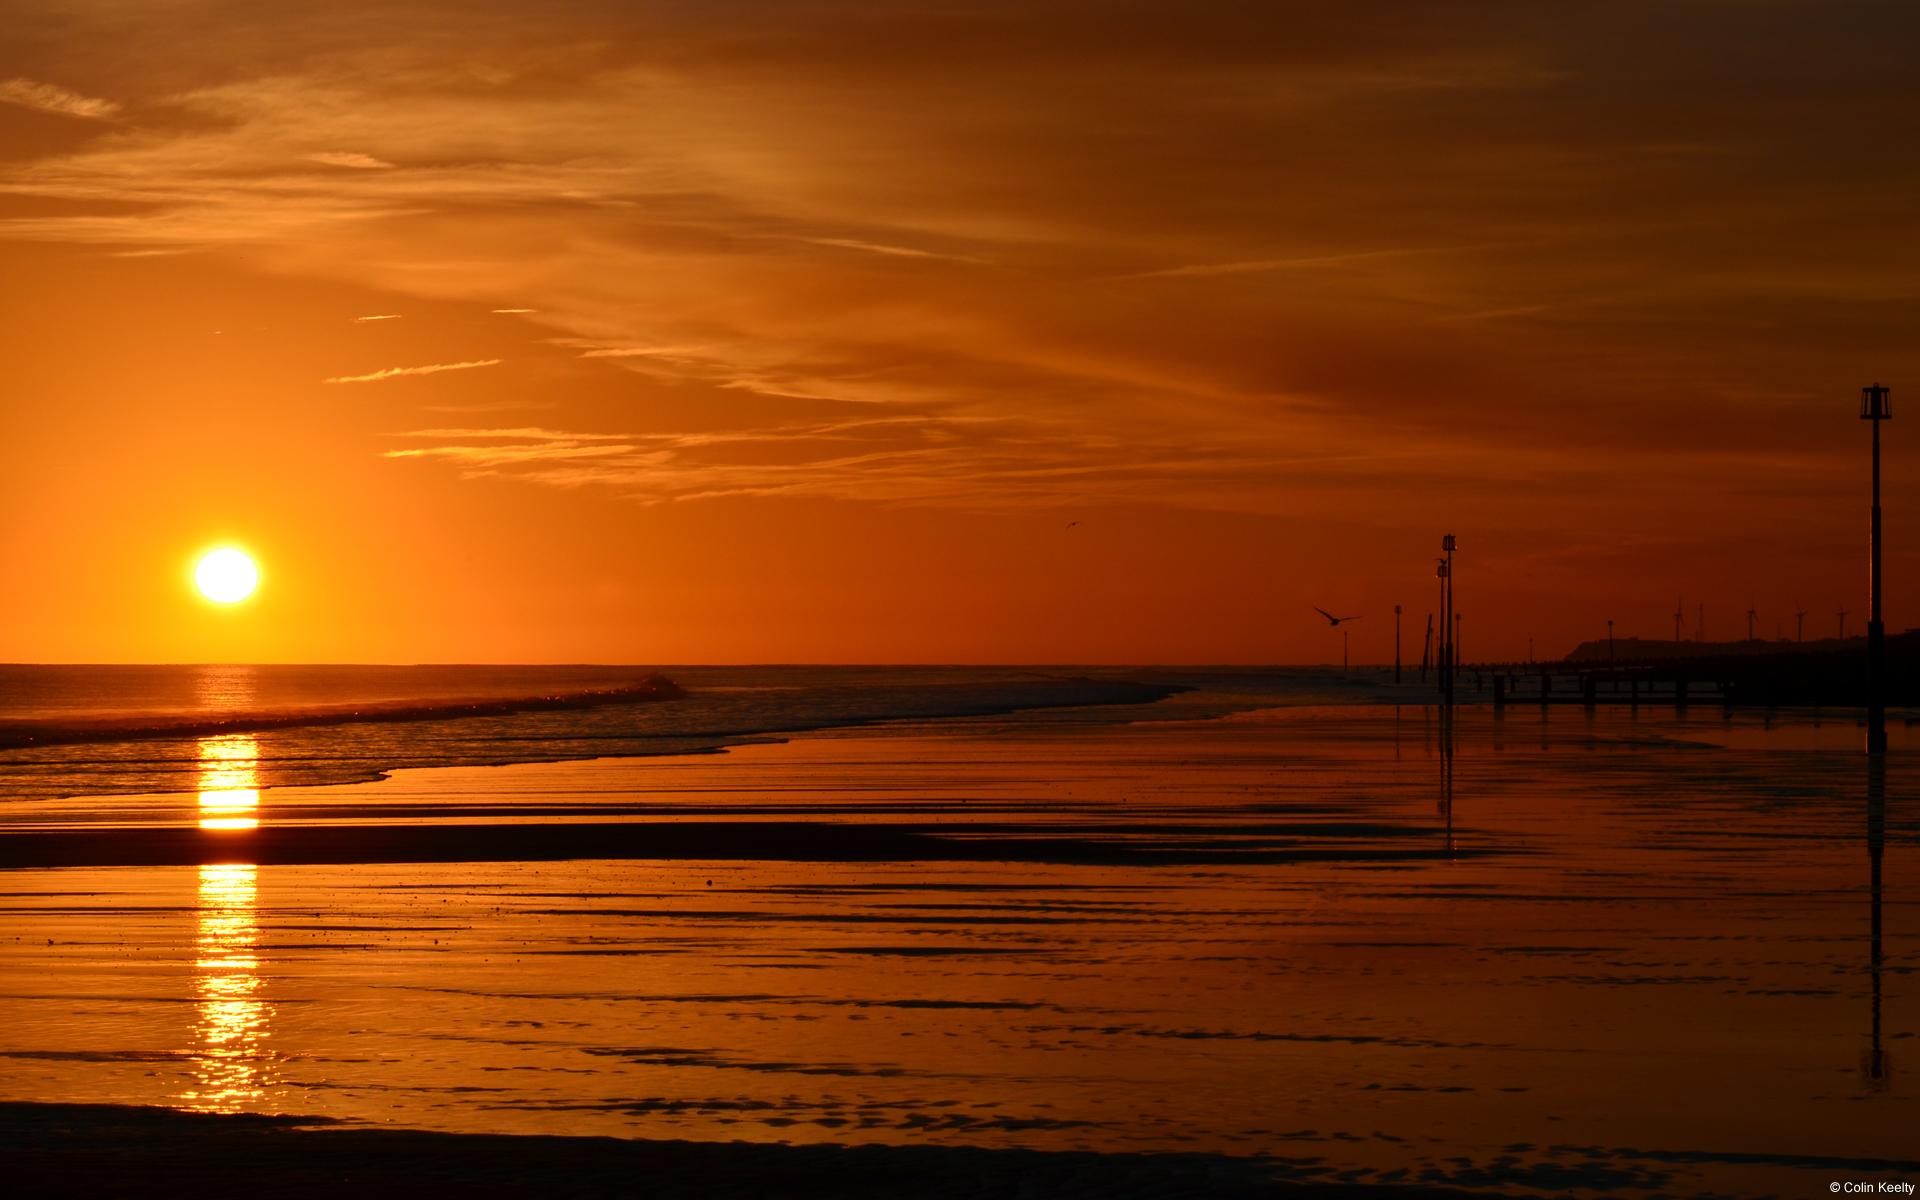 Ngắm hoàng hôn trên biển tại Withernsea, Yorkshire, England